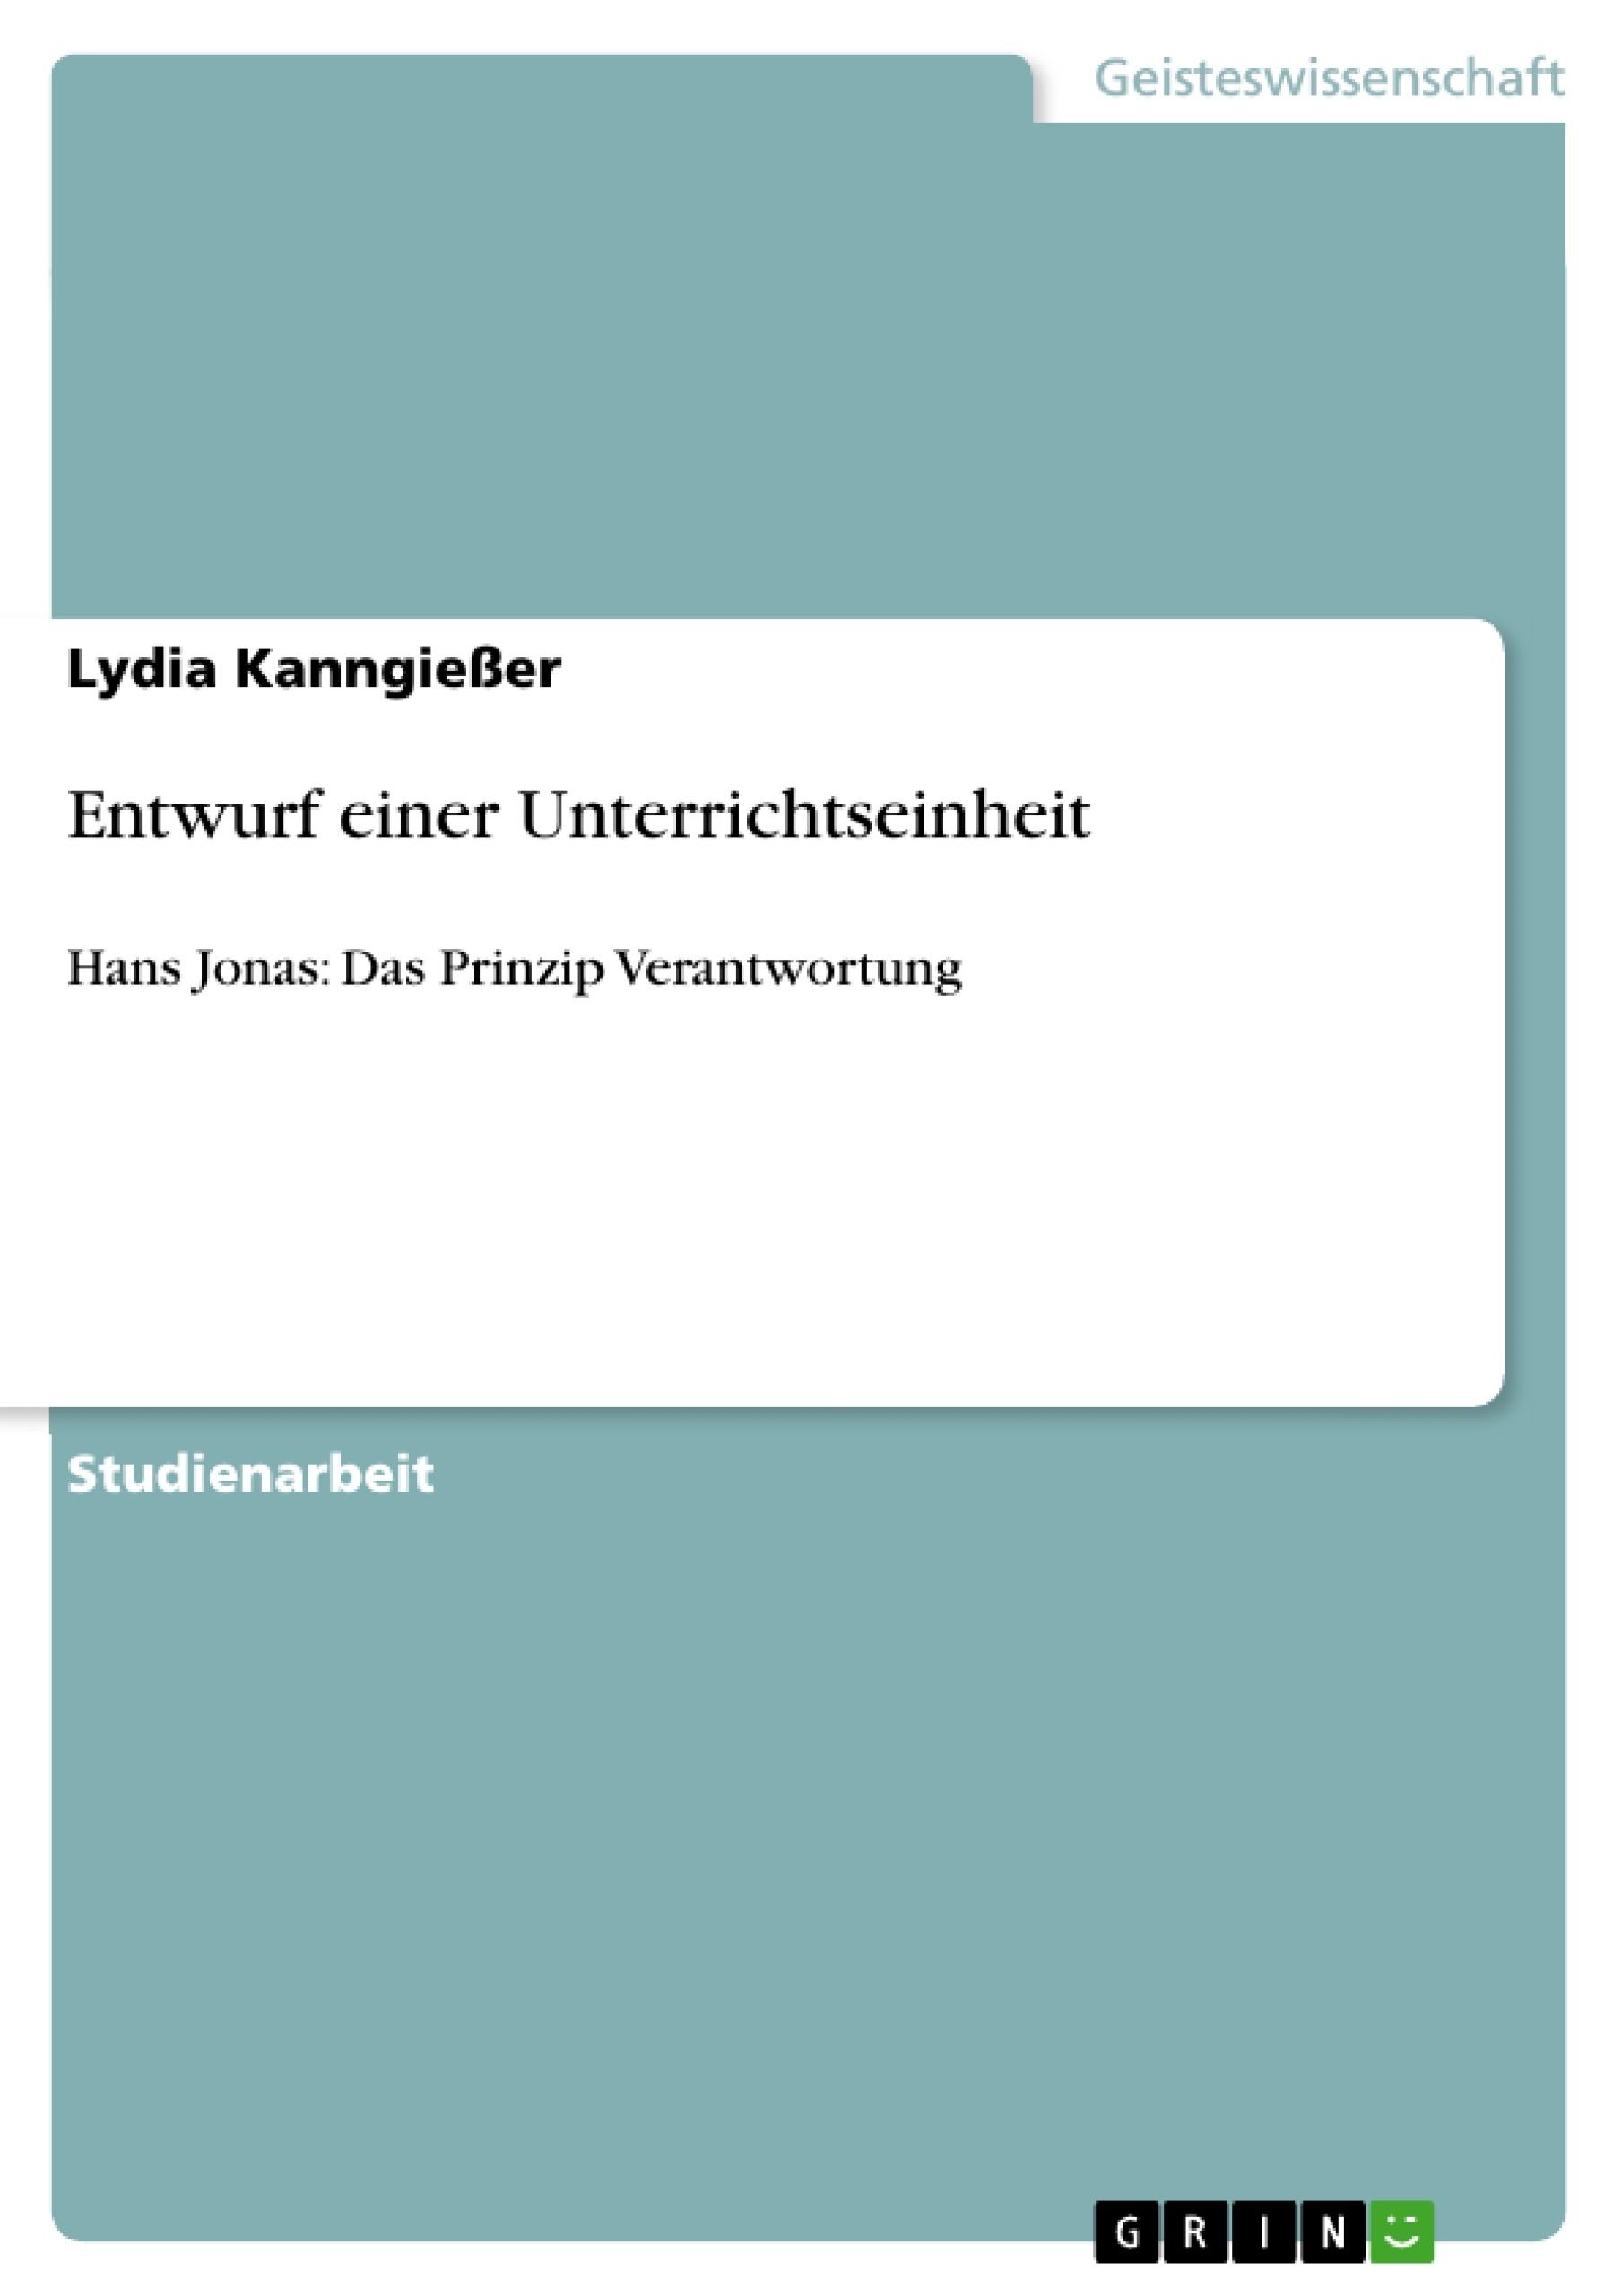 Entwurf einer Unterrichtseinheit | Masterarbeit, Hausarbeit ...